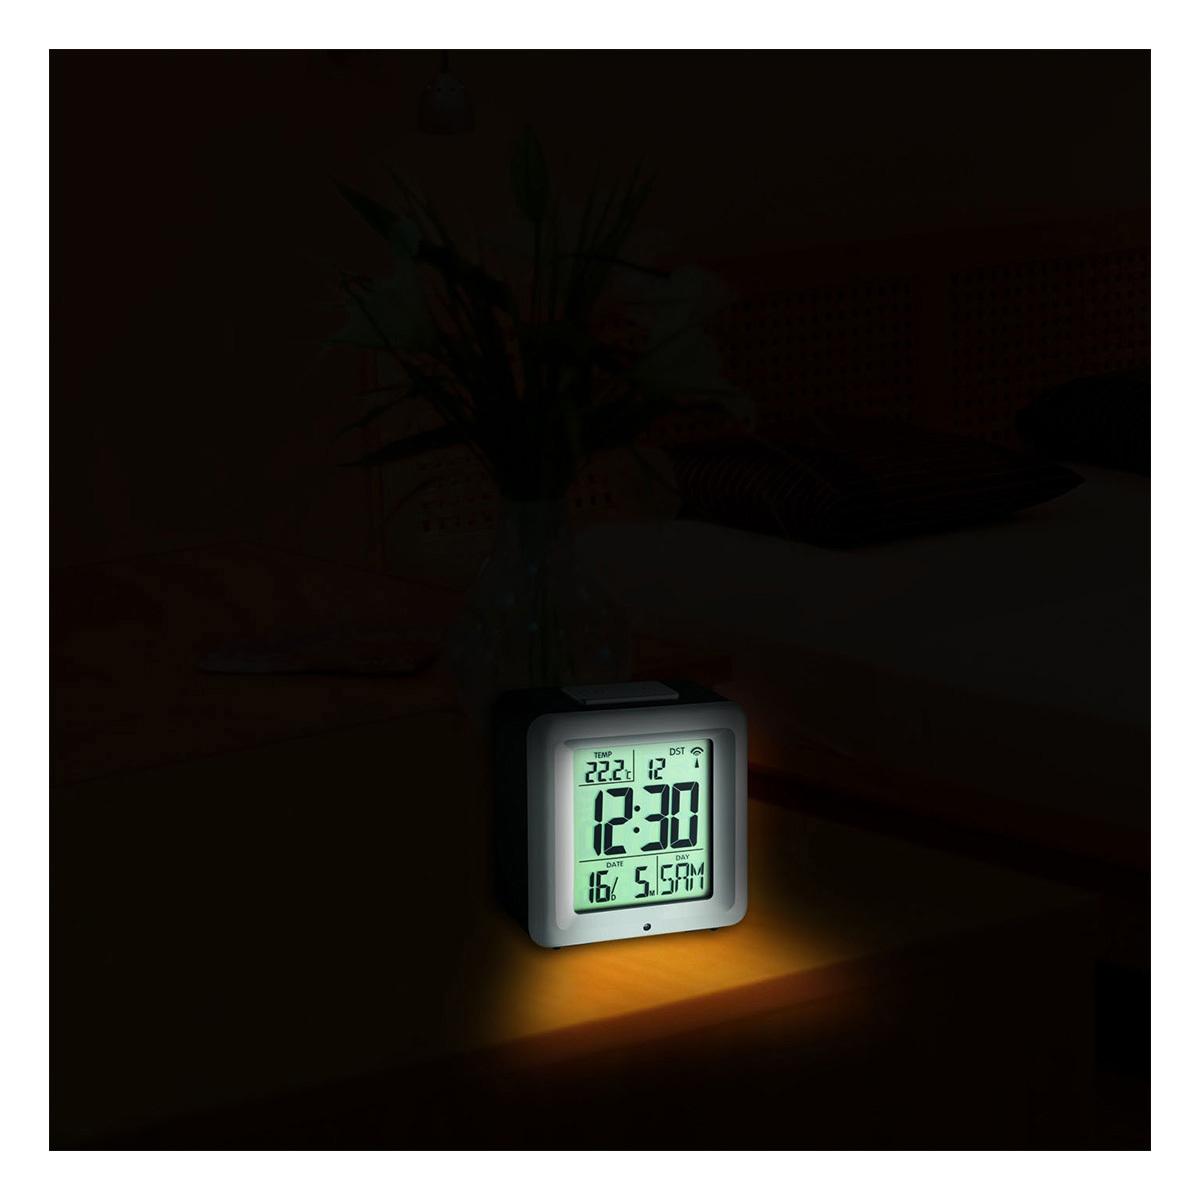 60-2503-digitaler-funk-wecker-mit-temperatur-beleuchtung1-1200x1200px.jpg